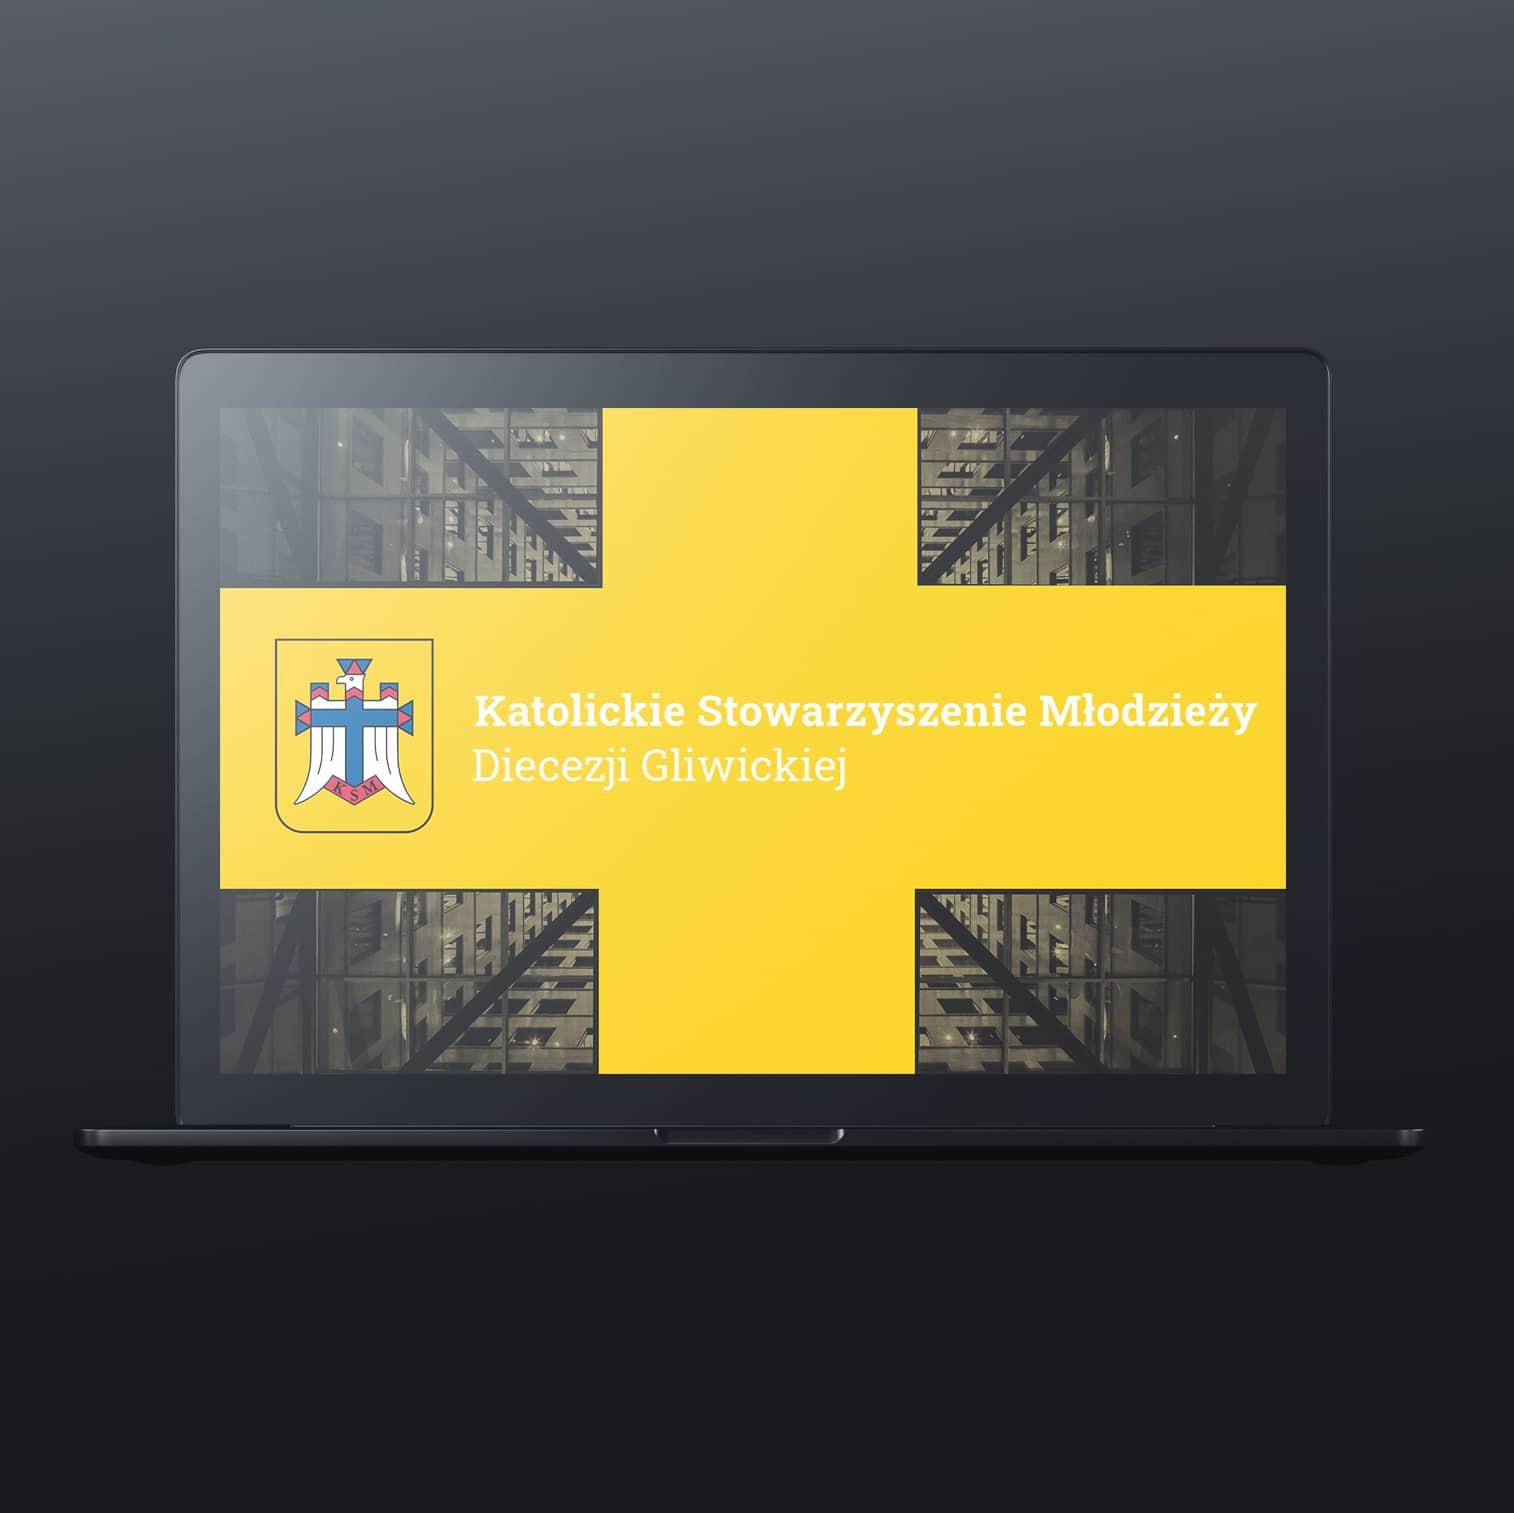 Laptop przedstawiający logo oraz napis Katolickie Stowarzyszenie Młodzieży Diecezji Gliwickiej